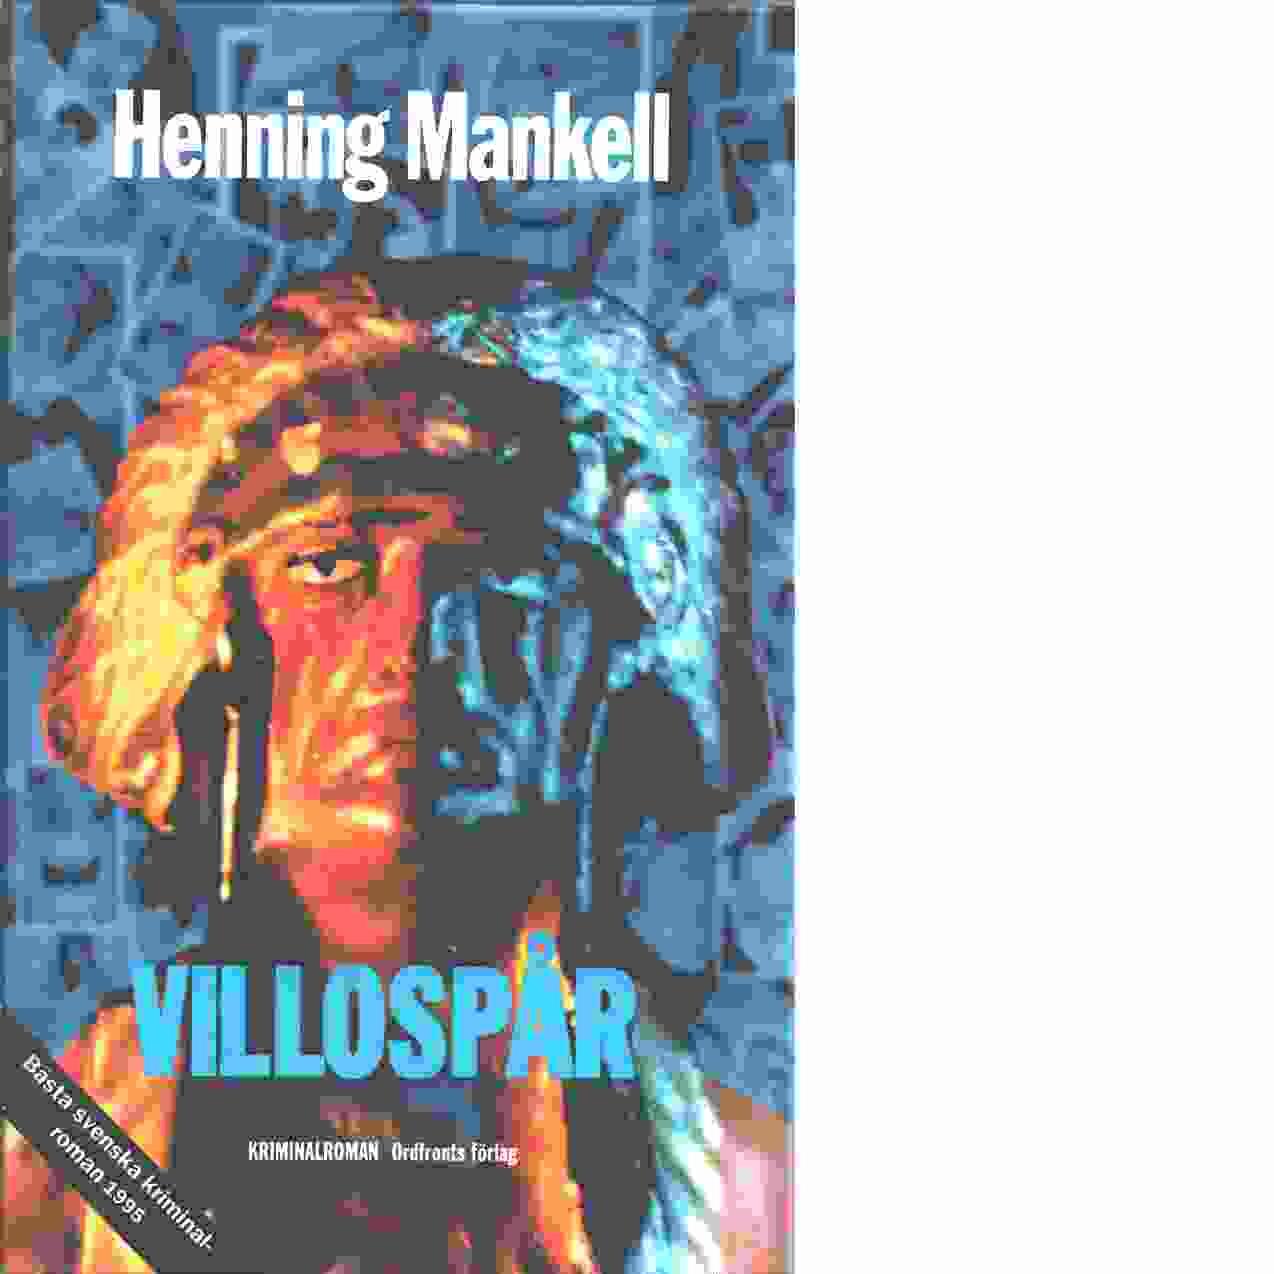 Villospår - Mankell, Henning